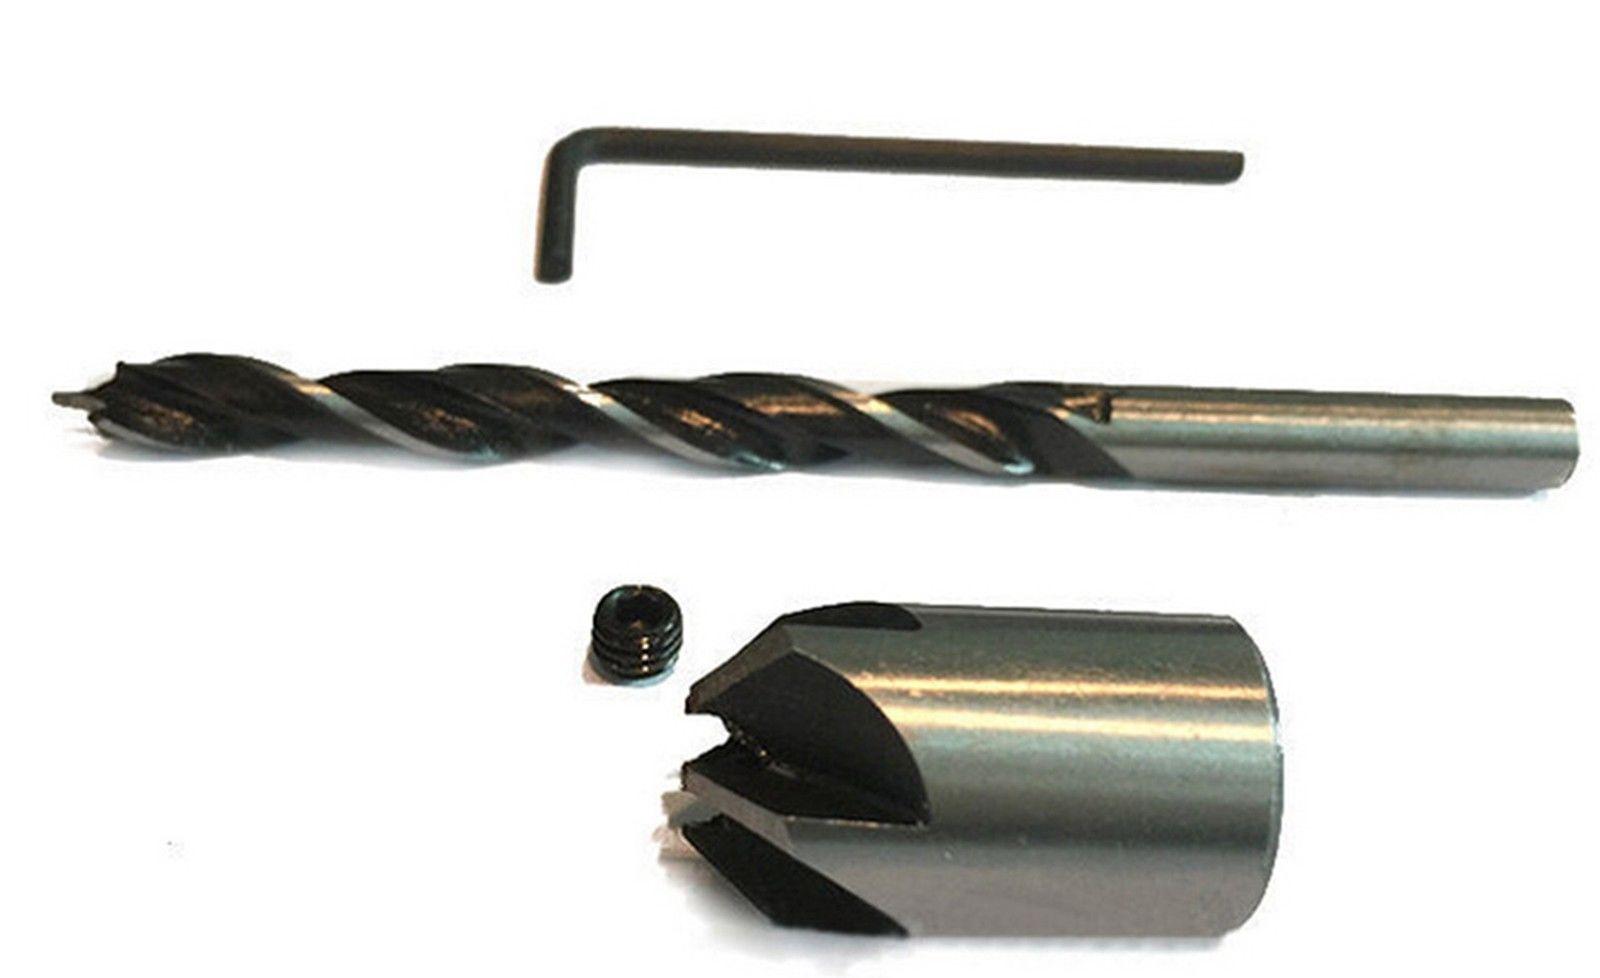 7 tlg HSS 5 Flöte Versenker Aufstecksenker Senker Senkbohrer Holzbohrer 3-10mm